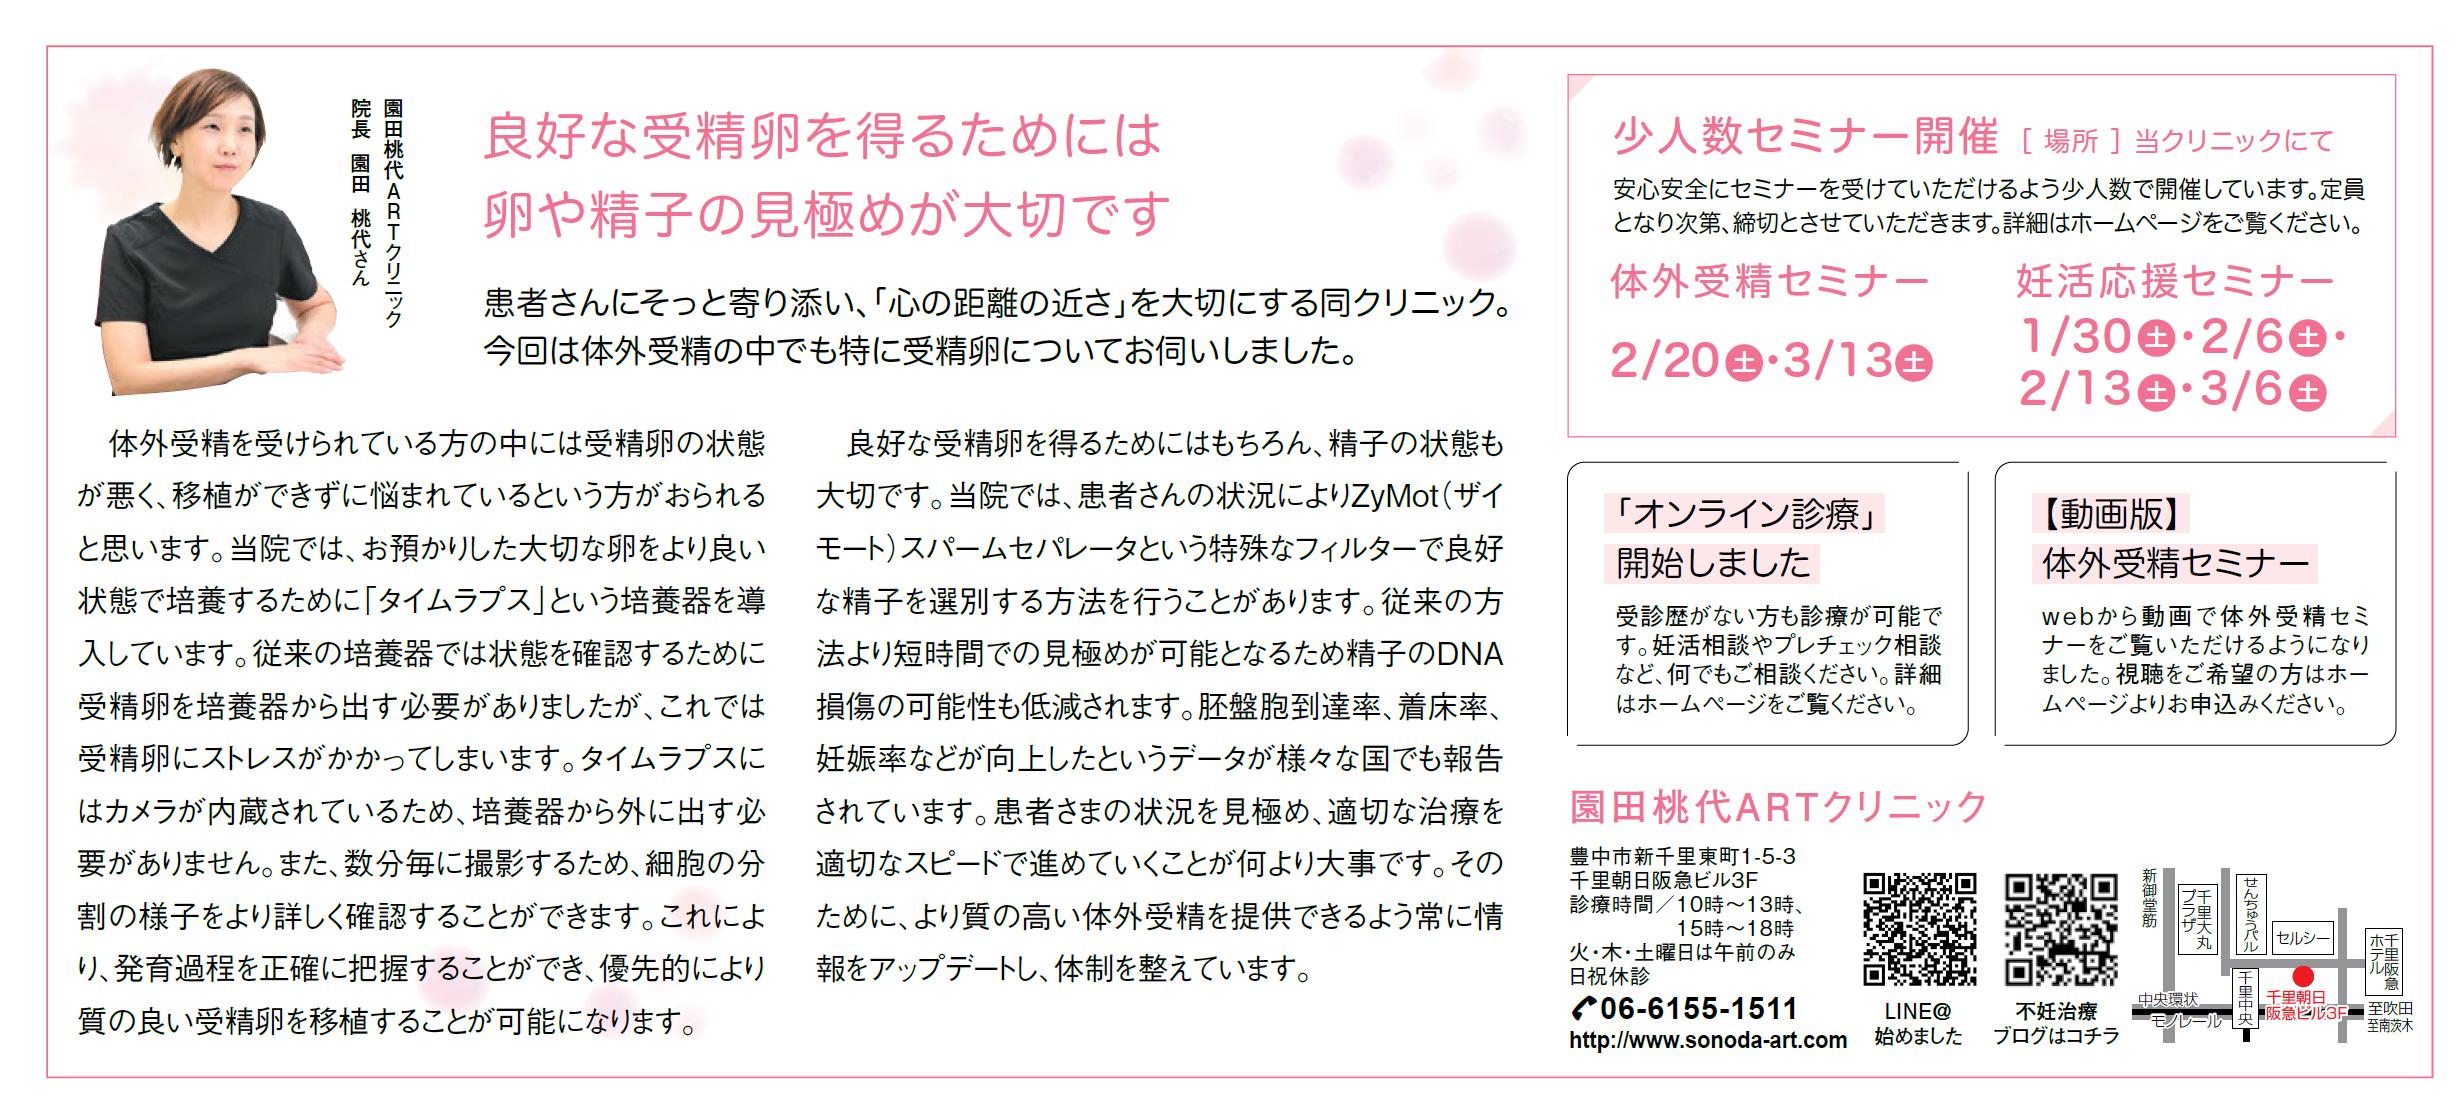 シティライフの園田桃代ARTクリニックの記事